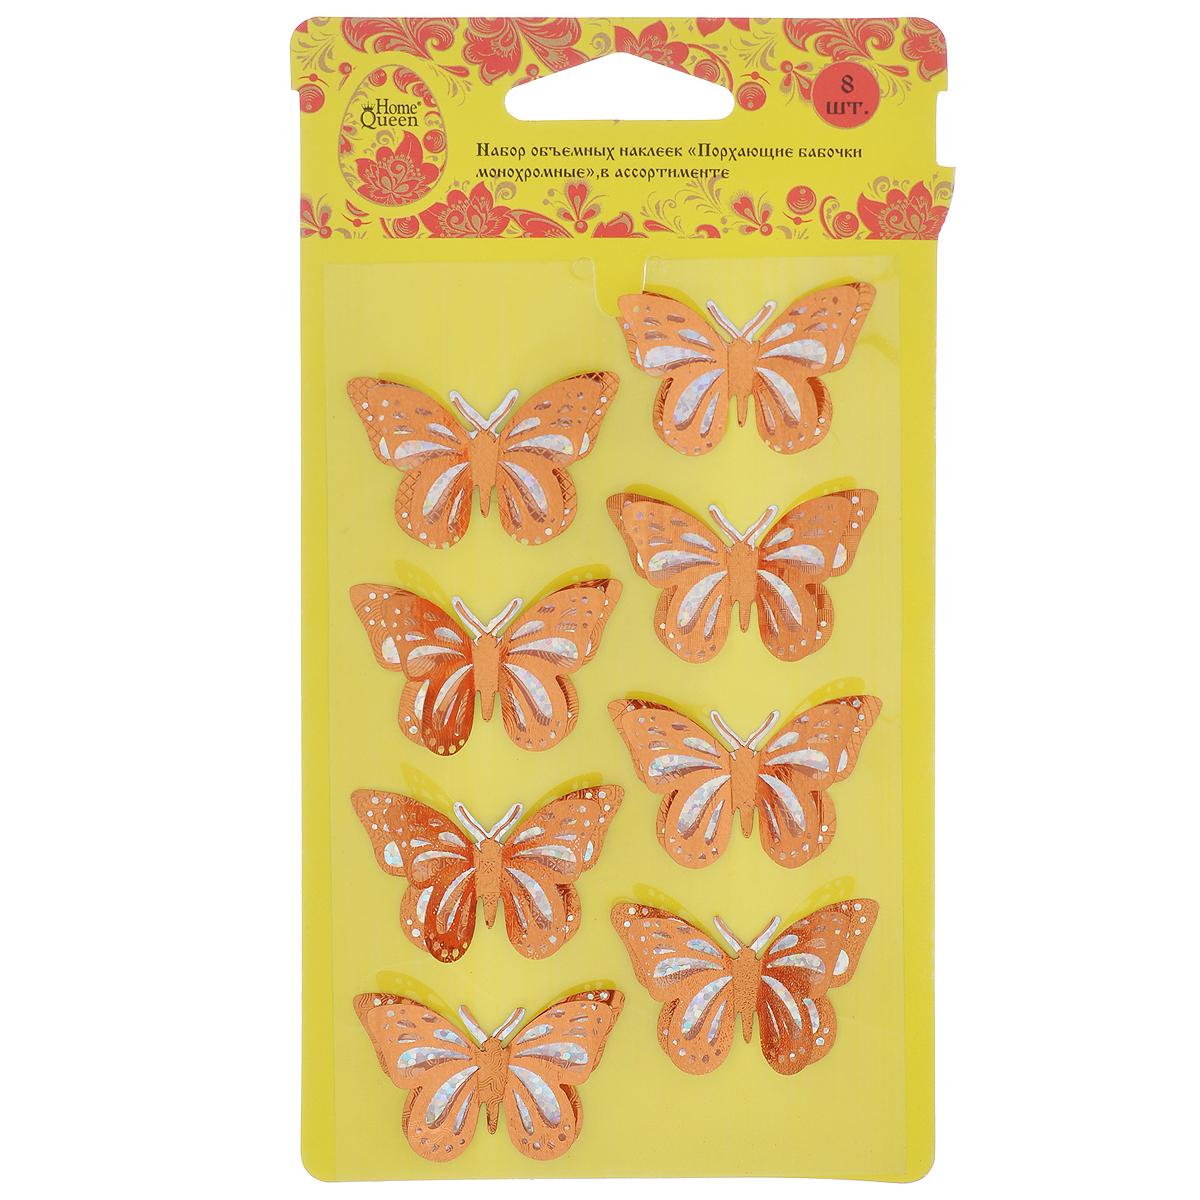 Набор объемных наклеек Home Queen Порхающие бабочки, цвет: медный, 8 шт68231_1Набор объемных наклеек Home Queen Порхающие бабочки прекрасно подойдет для оформления творческих работ. Их можно использовать для скрапбукинга, украшения упаковок, подарков и конвертов, открыток, декорирования коллажей, фотографий, изделий ручной работы и предметов интерьера. Объемные наклейки выполнены из ПВХ. Задняя сторона клейкая. В наборе - 8 объемных наклеек в виде бабочек. Такой набор украшений создаст атмосферу праздника в вашем доме. Комплектация: 8 шт.Размер бабочки: 3 см х 2 см.